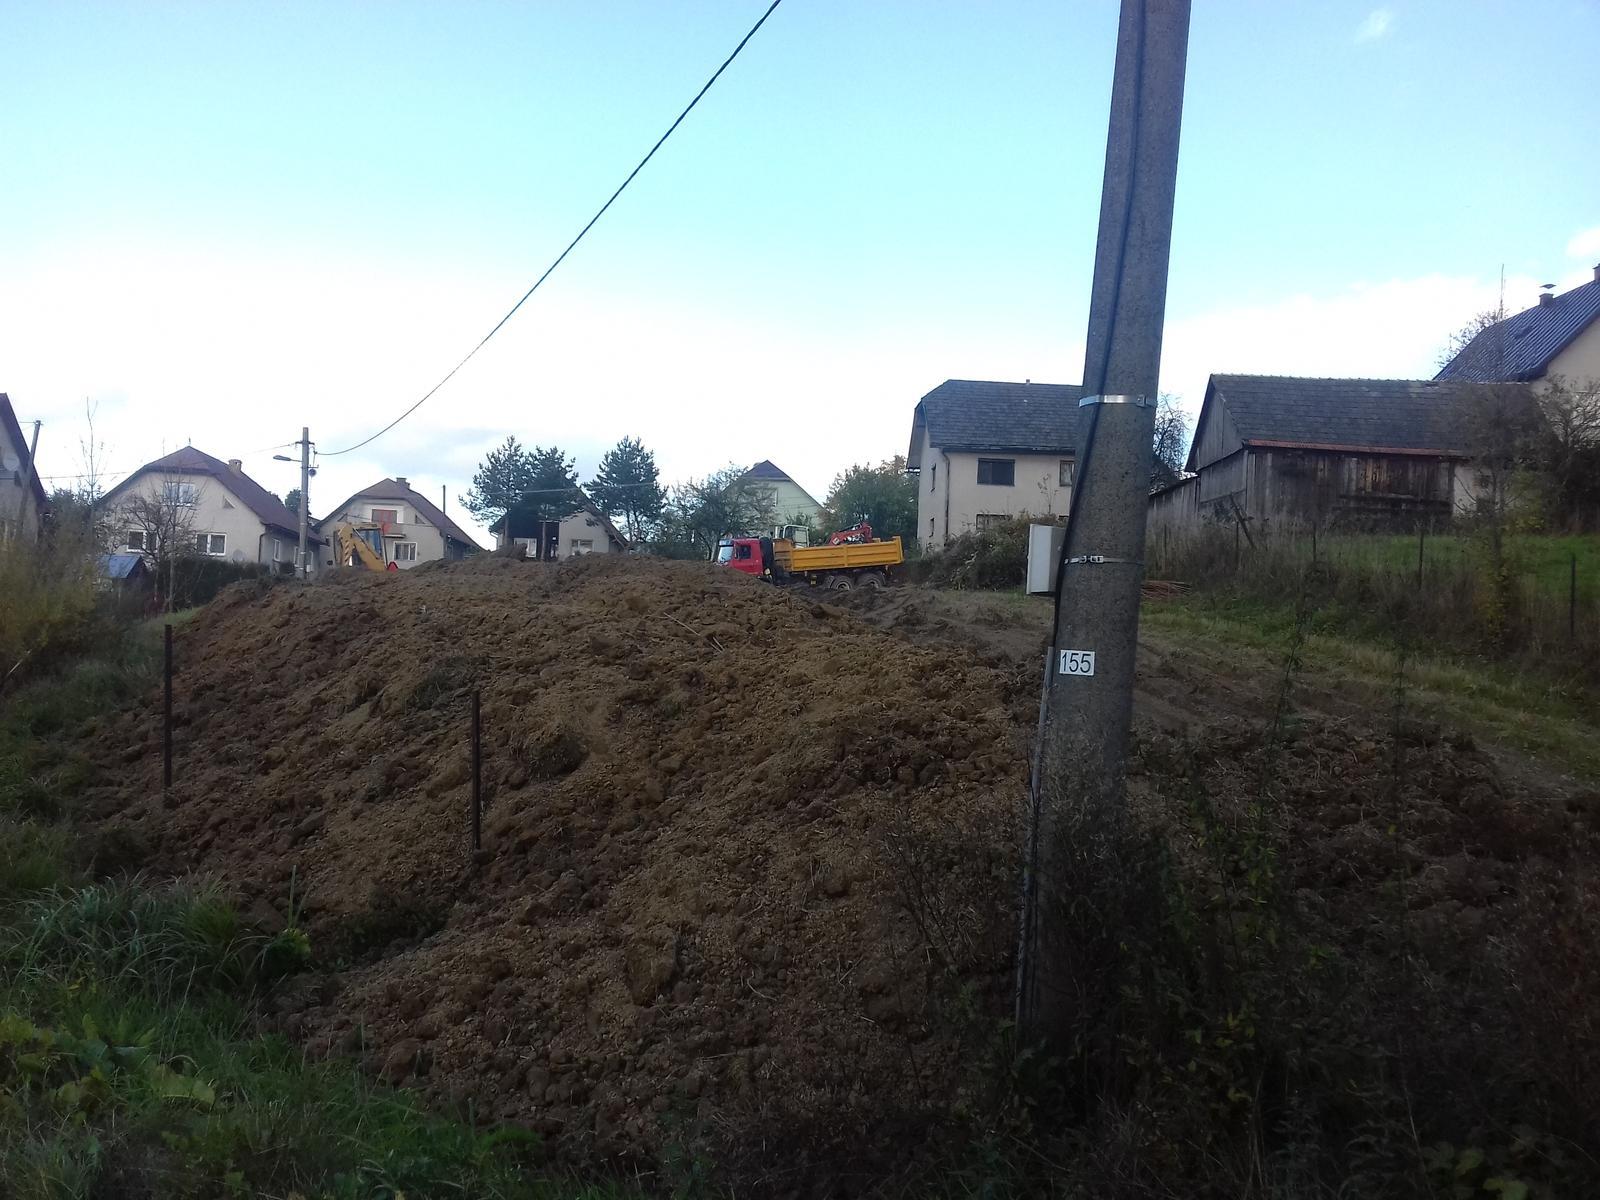 Najprv oporny mur a potom dom... - Mame taketo kopiska zeminy